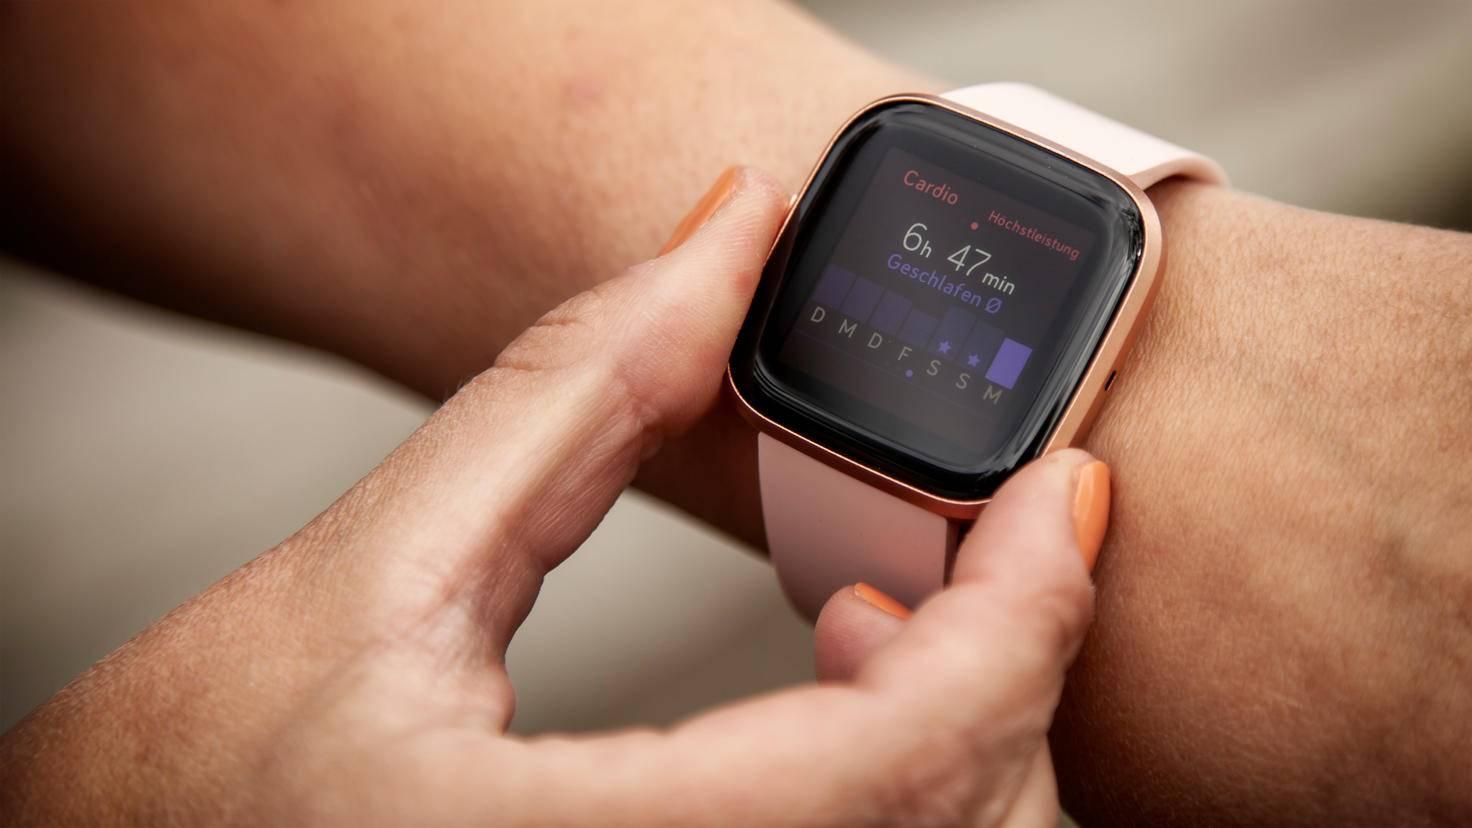 Daten zur vergangenen Nacht kannst Du hingegen auch über die Smartwatch abrufen.